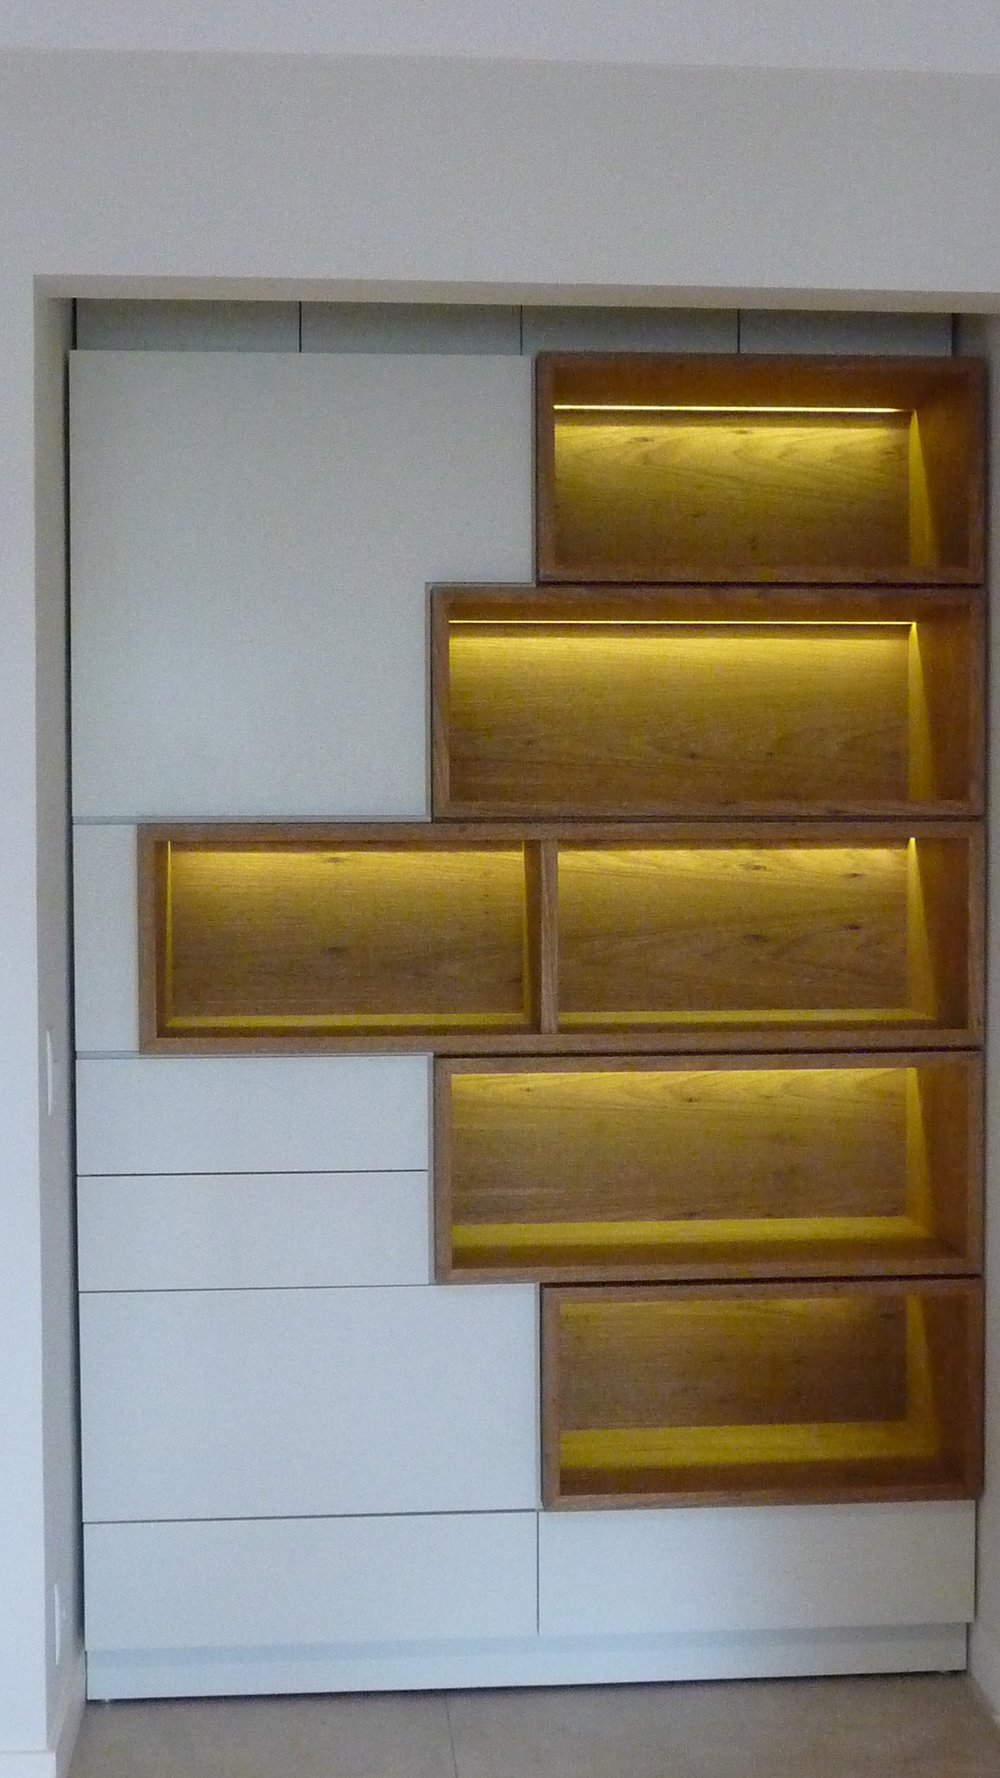 Estante Laca AC e nichos em madeira.JPG